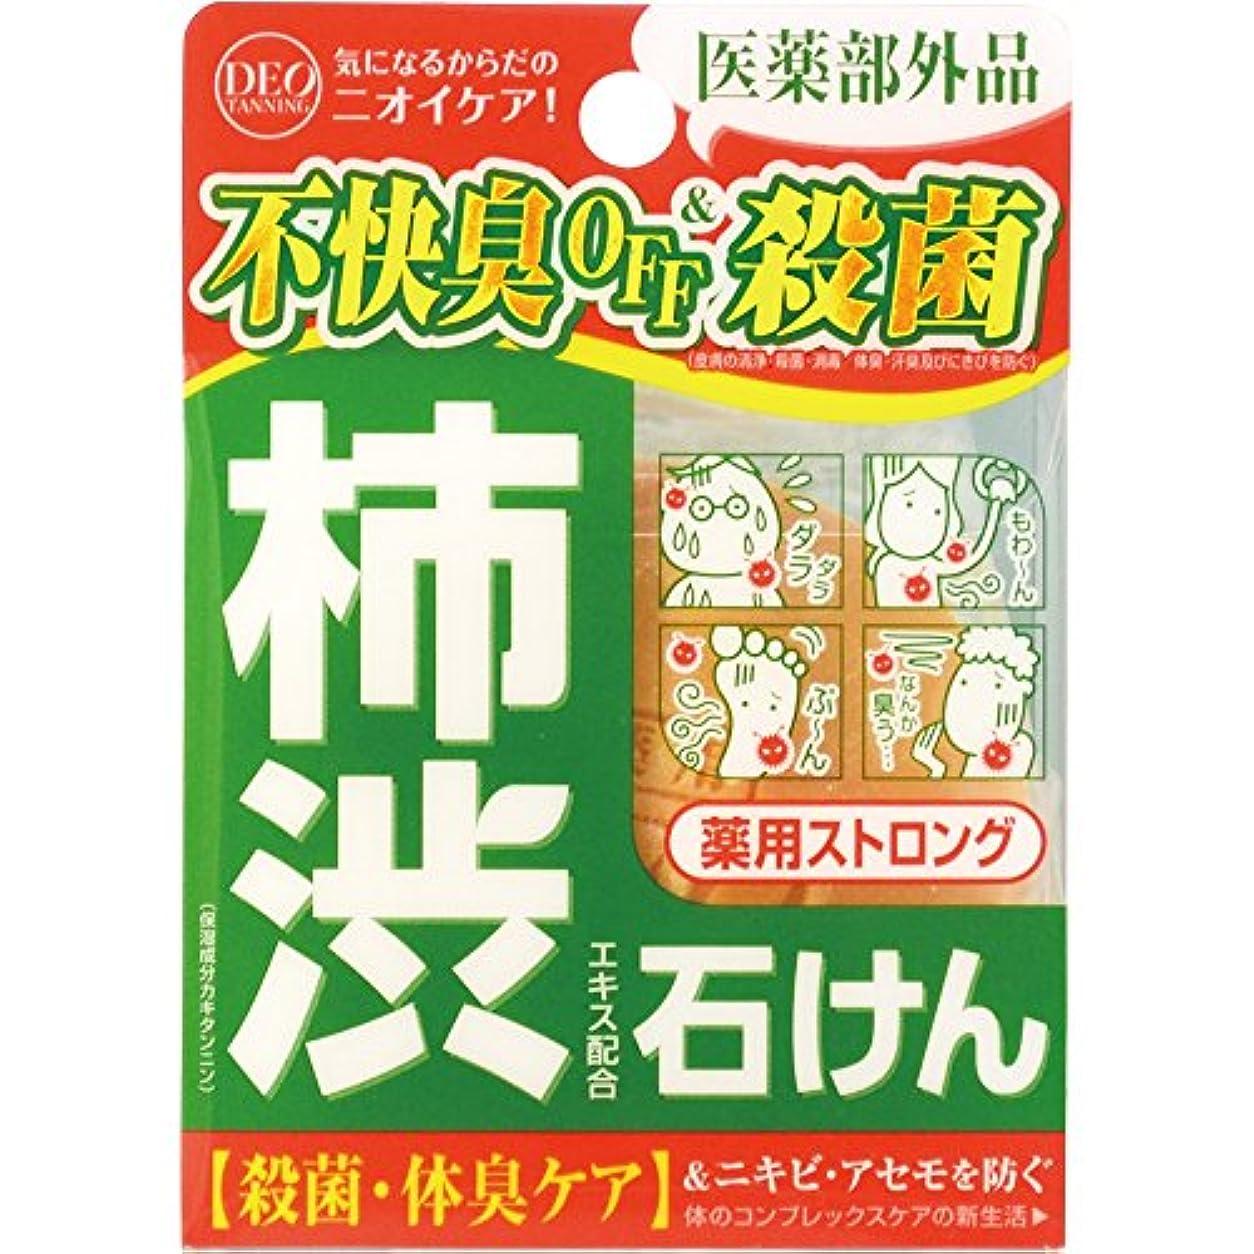 雪の戦争ムスタチオデオタンニング 薬用ストロング ソープ 100g (医薬部外品)